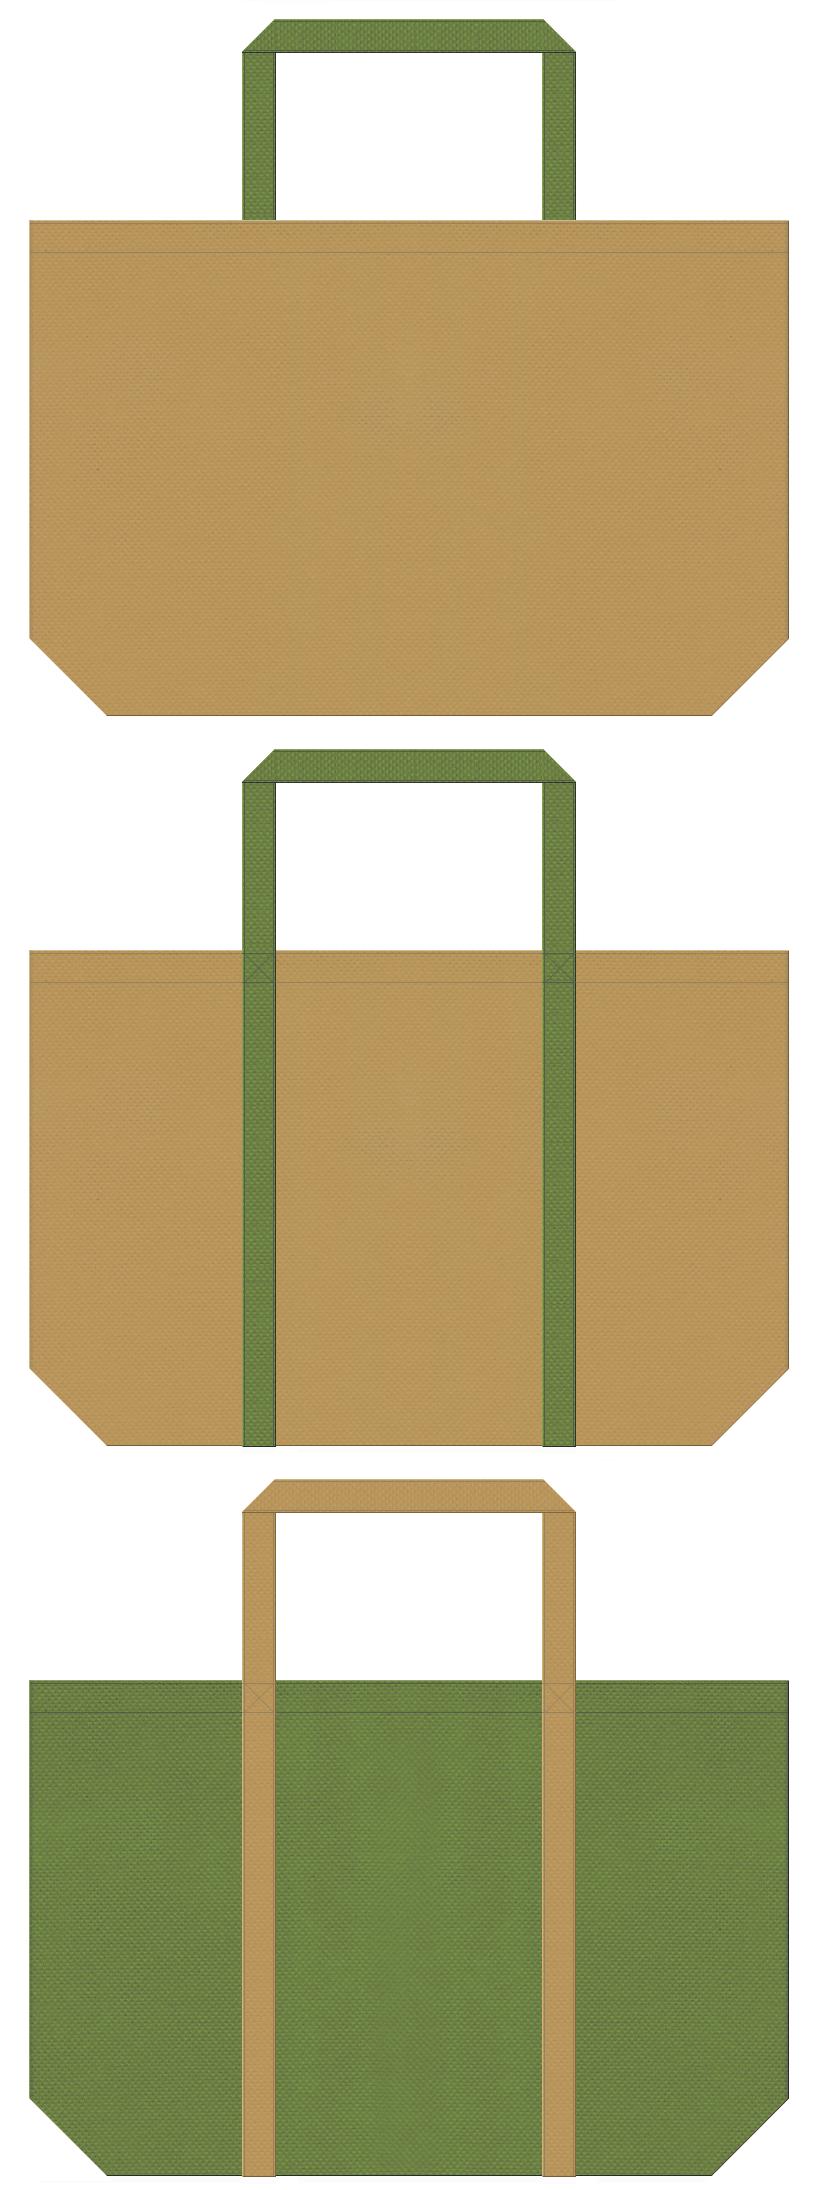 饅頭・造園・和風エクステリア・和風インテリア・DIY・江戸時代・屏風・お灸・お線香・漢方薬・茶室・茶道具・そば・民芸品のショッピングバッグにお奨めの不織布バッグデザイン:金黄土色と草色のコーデ